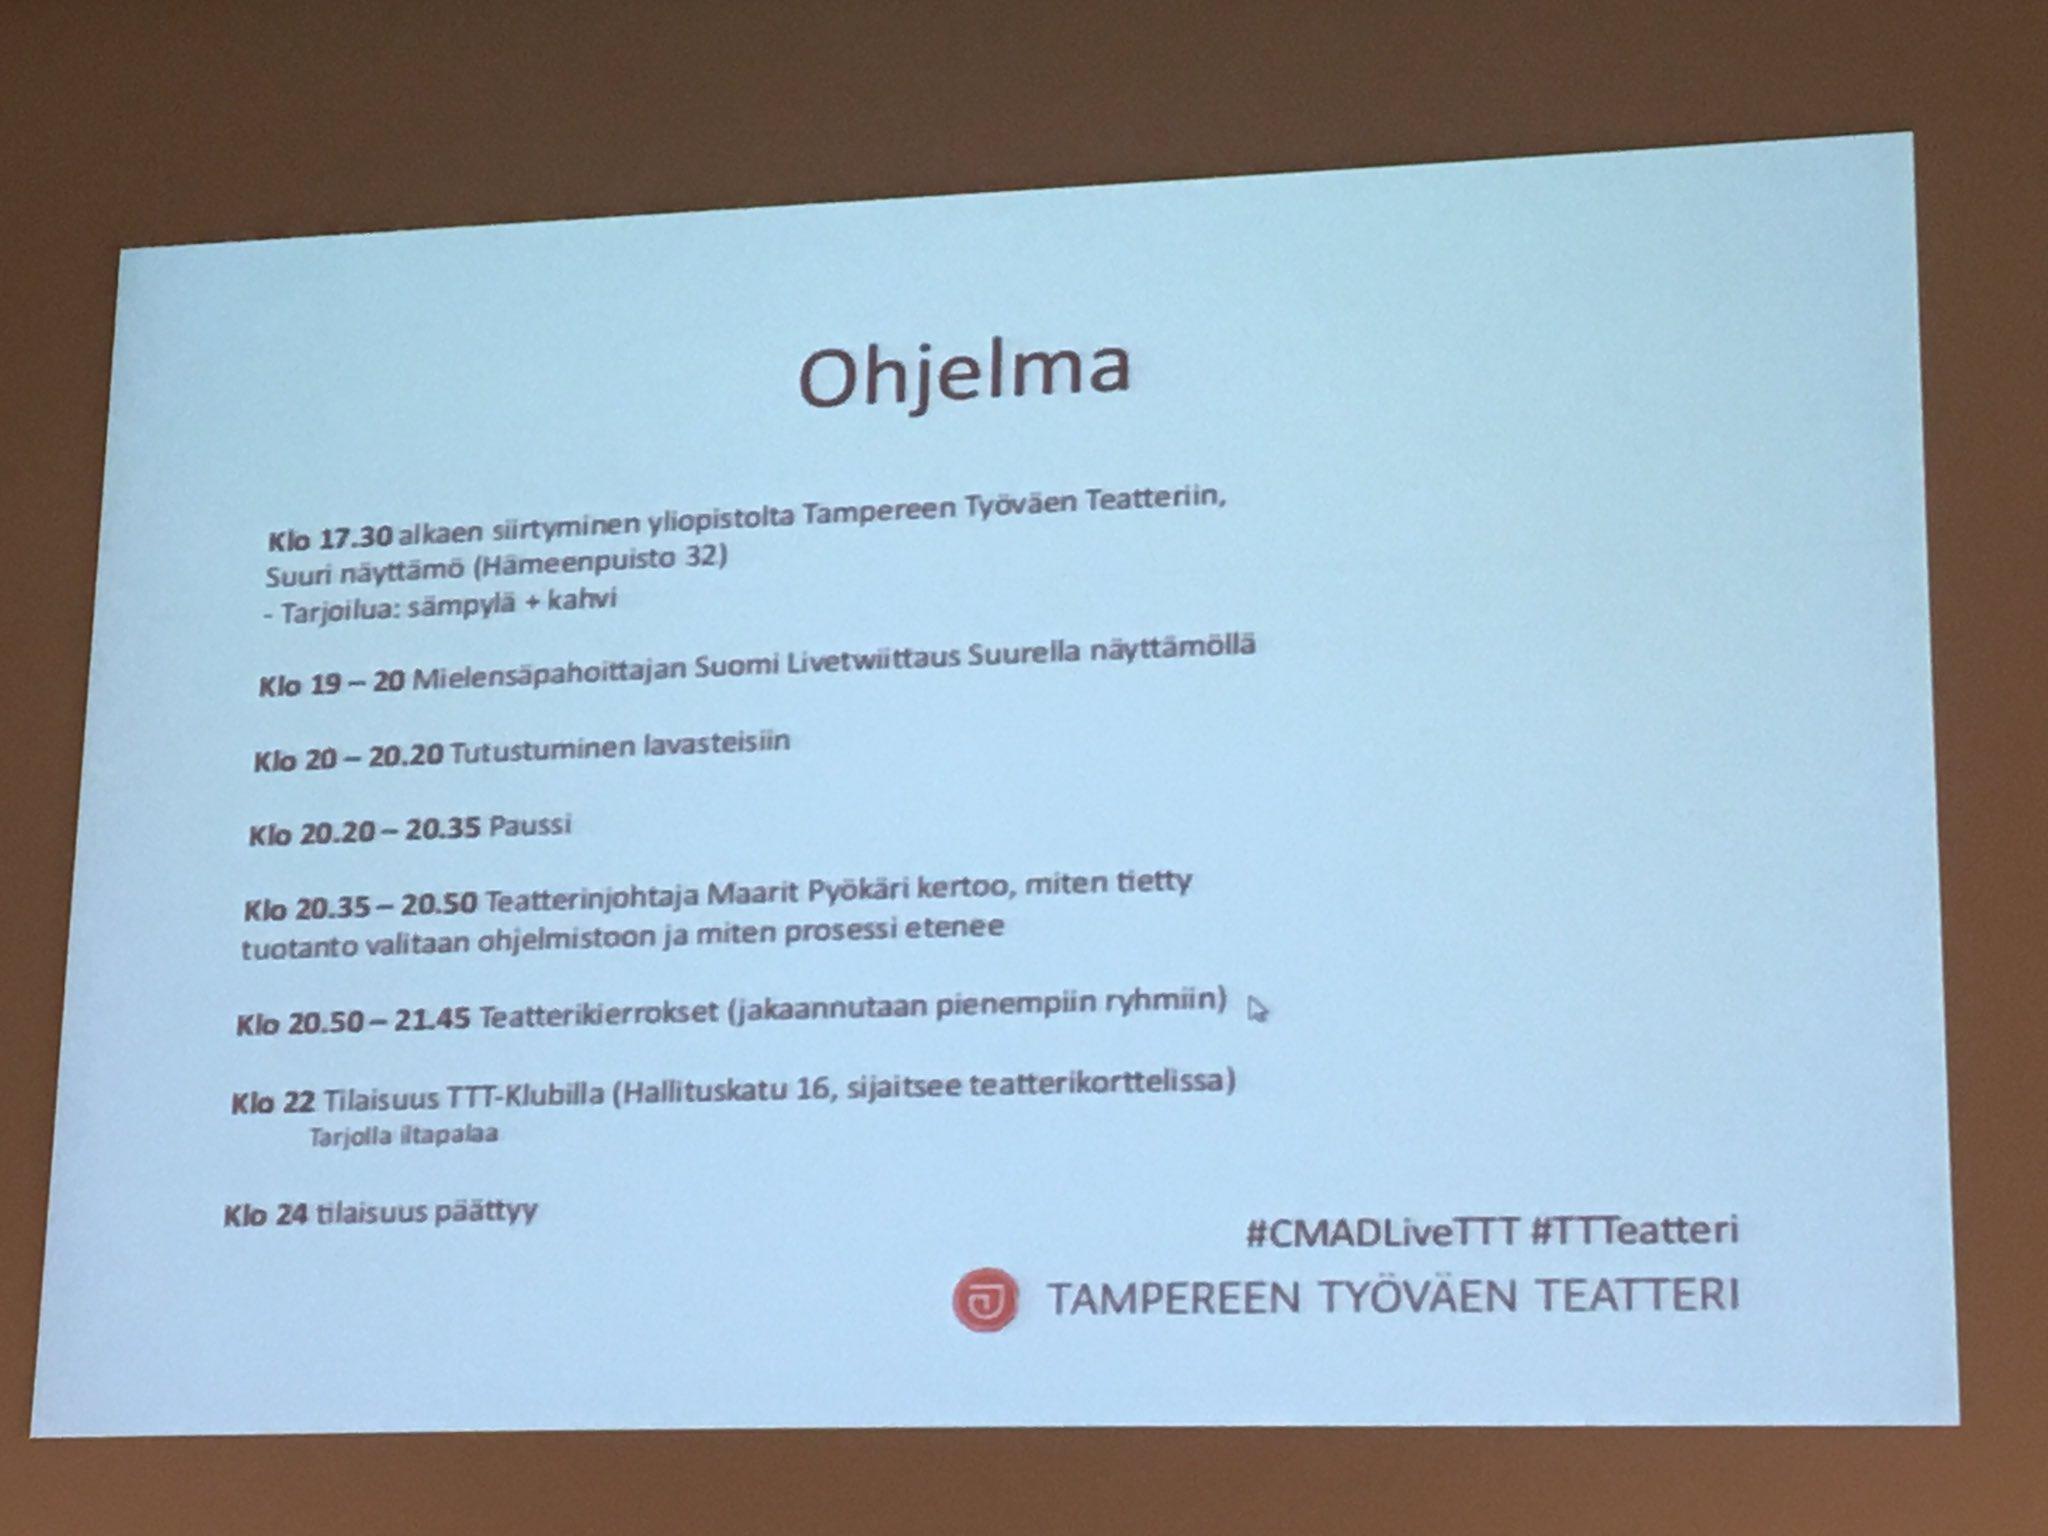 Klo 18 alkaen #cmadfi jatkot Tampereen Työväen Teatterissa, verkostoitumista & päivän purkua #TTTeatteri #CMADLiveTTT https://t.co/pfzcPl0h9Z